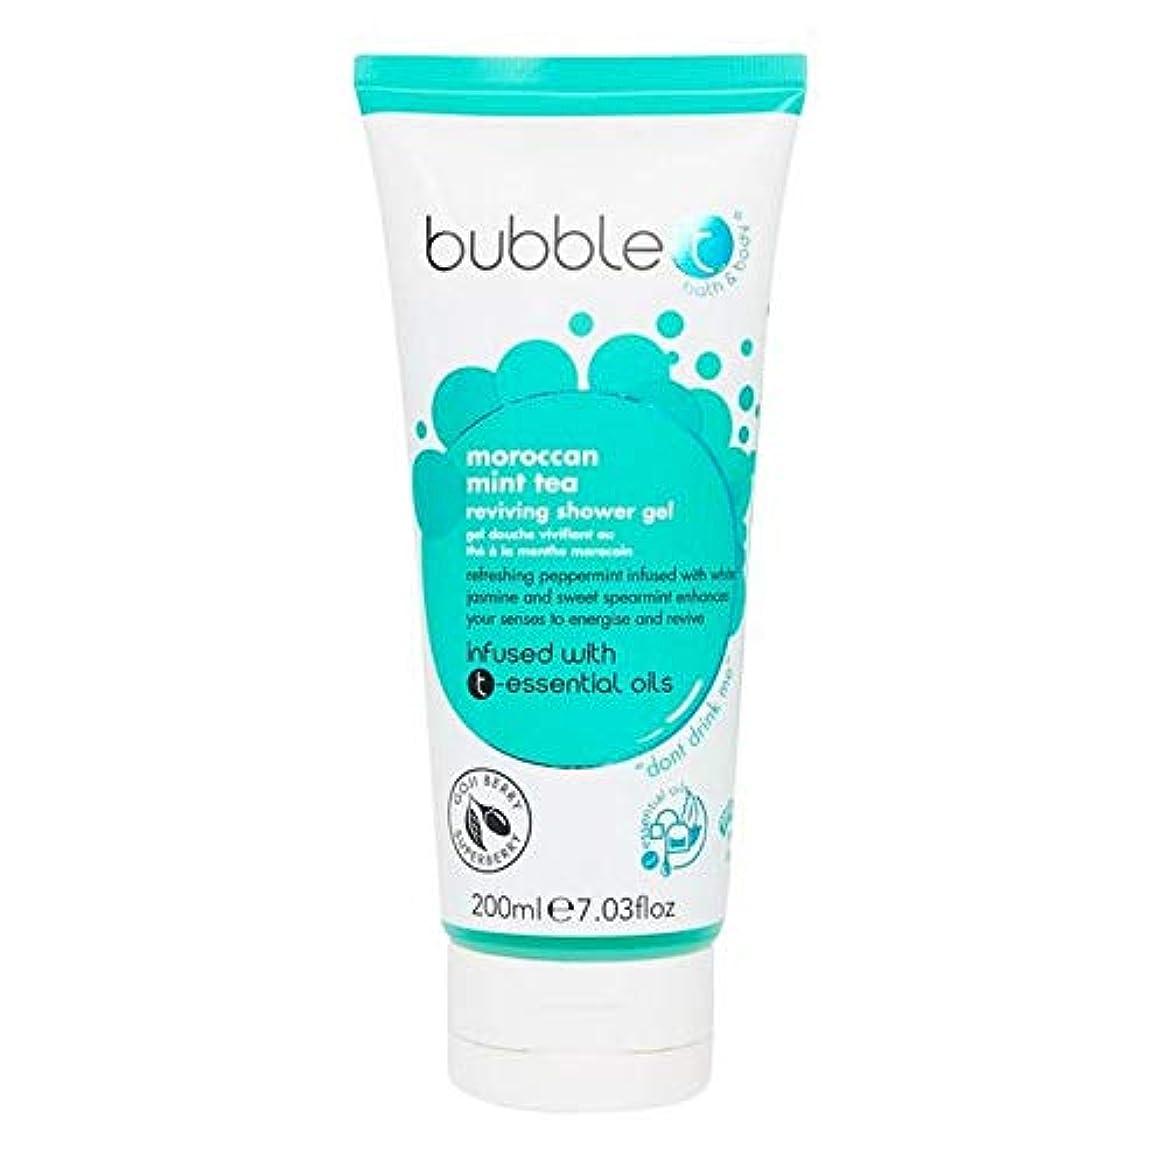 番目鷲接続された[Bubble T ] バブルトン化粧品シャワージェル、モロッコのミントティーを200ミリリットル - Bubble T Cosmetics Shower Gel, Moroccan Mint Tea 200ml [並行輸入品]